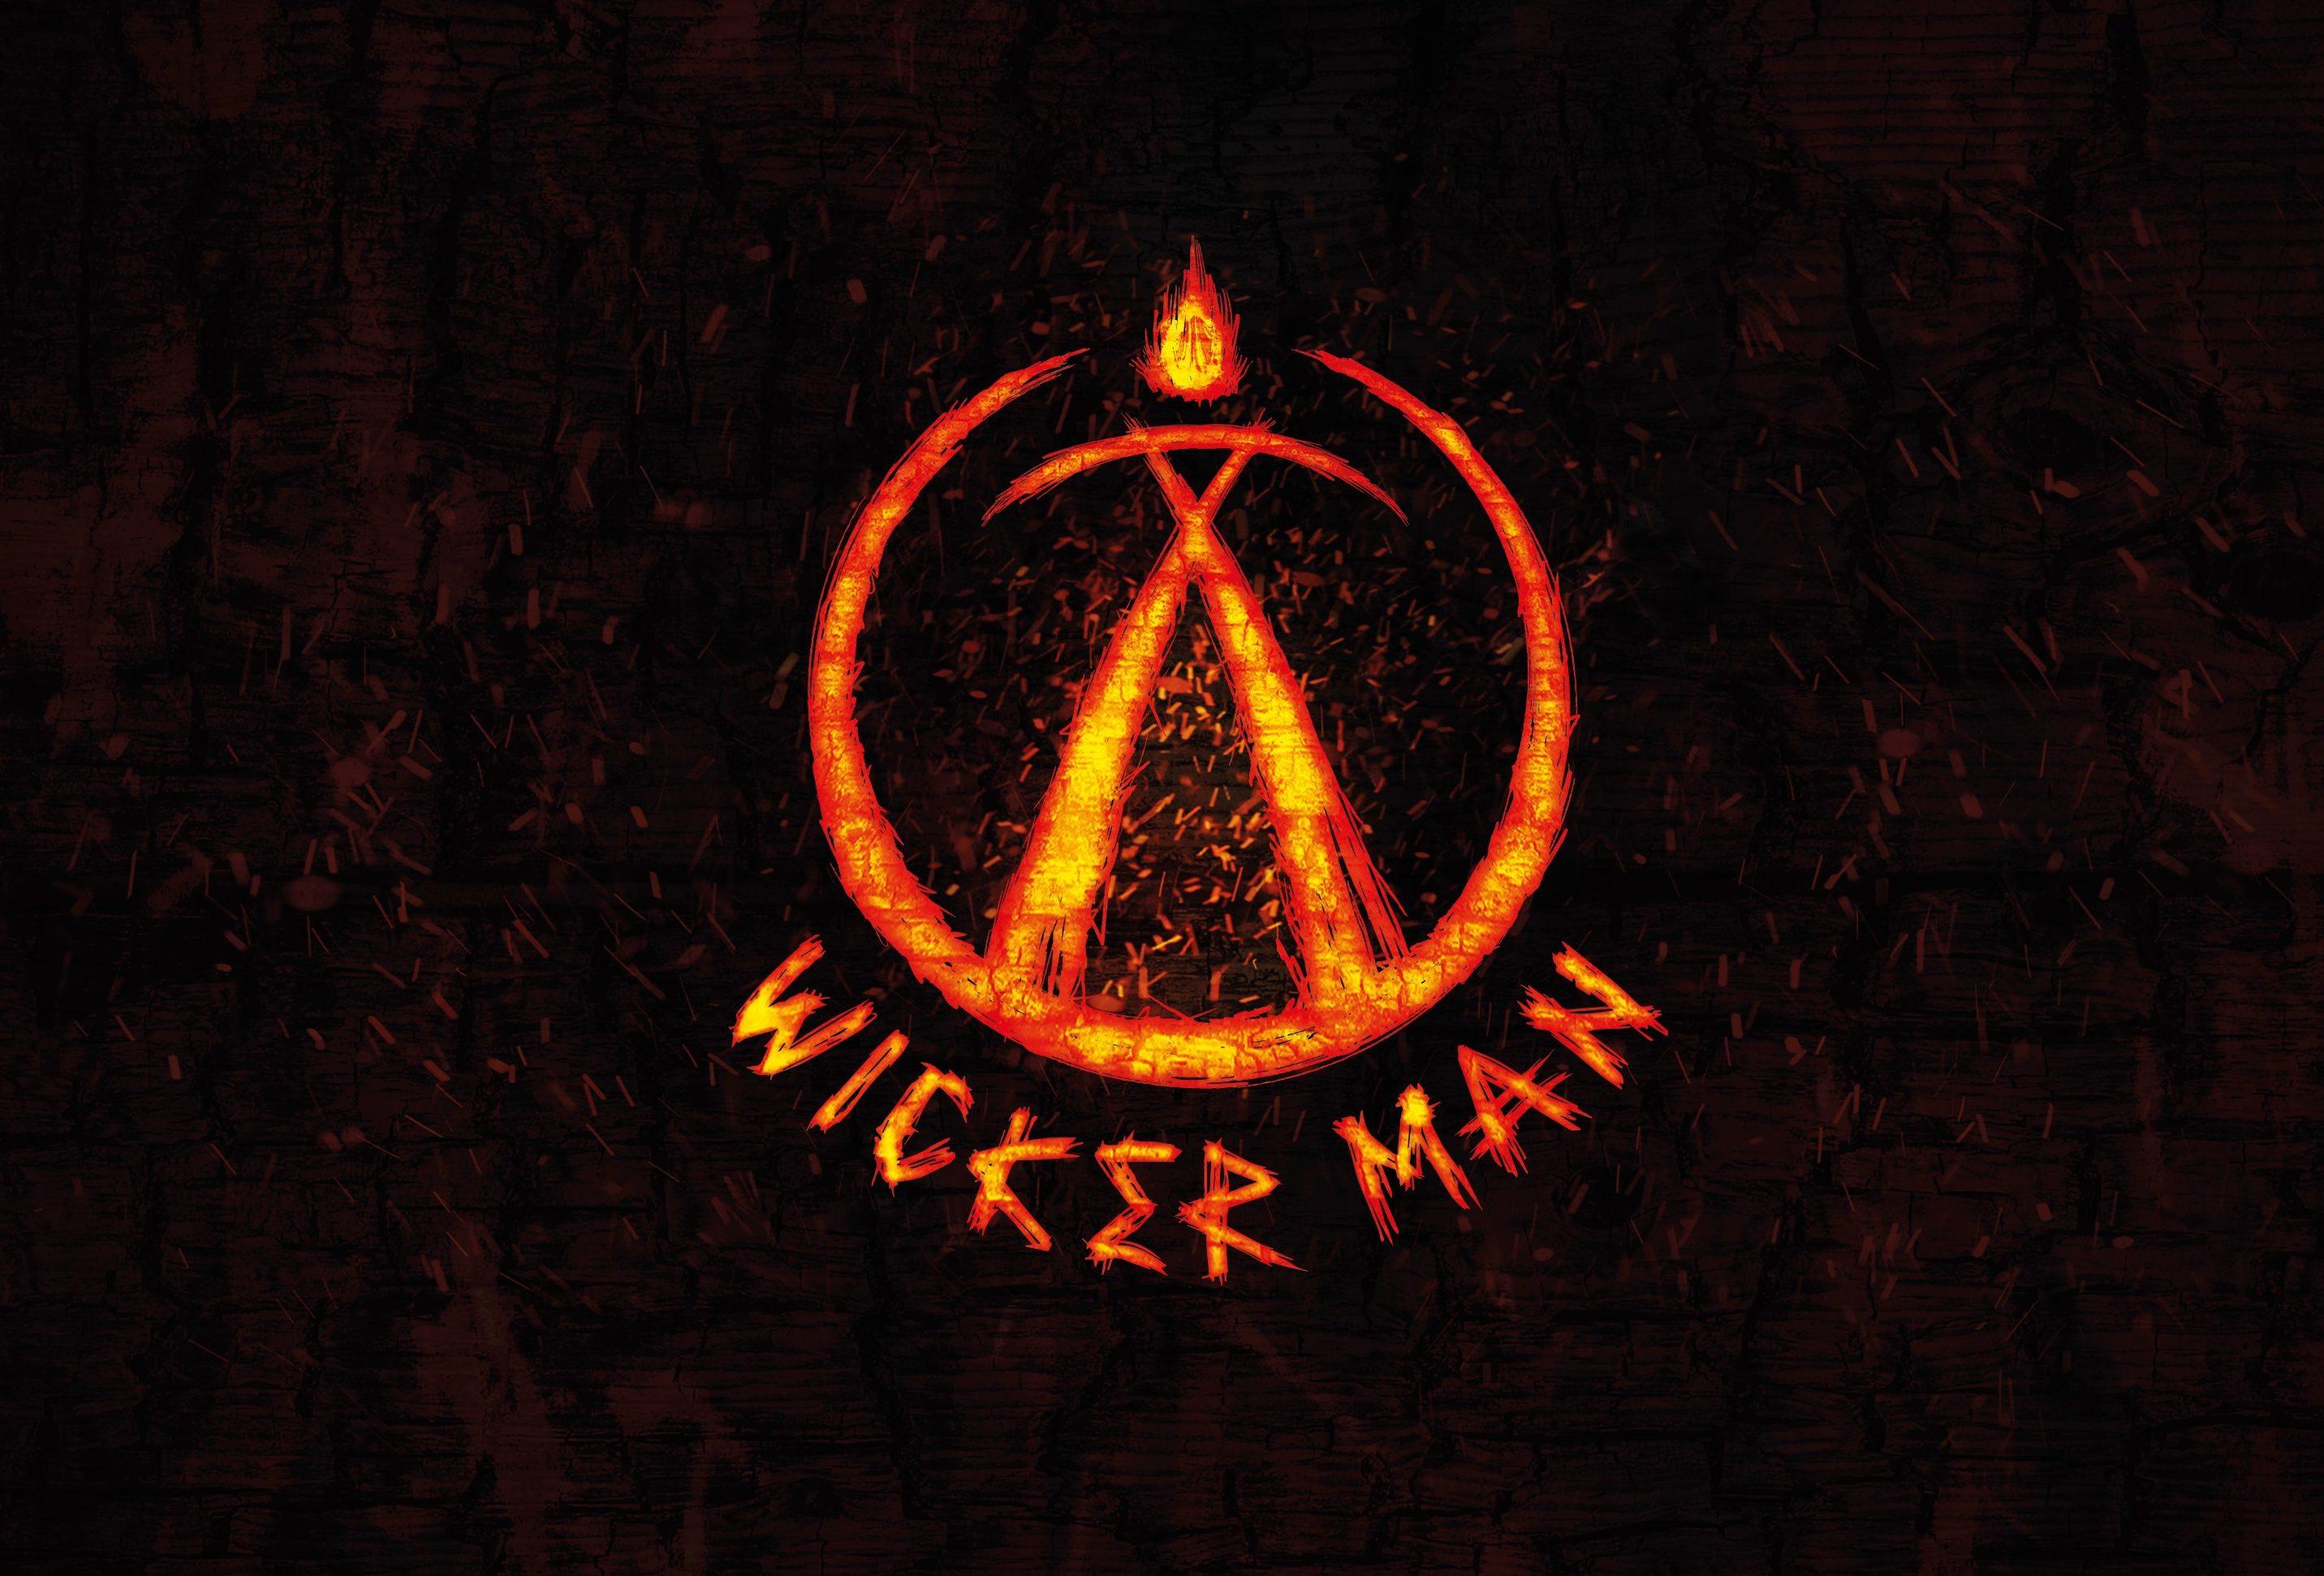 The final Wicker Man Logo